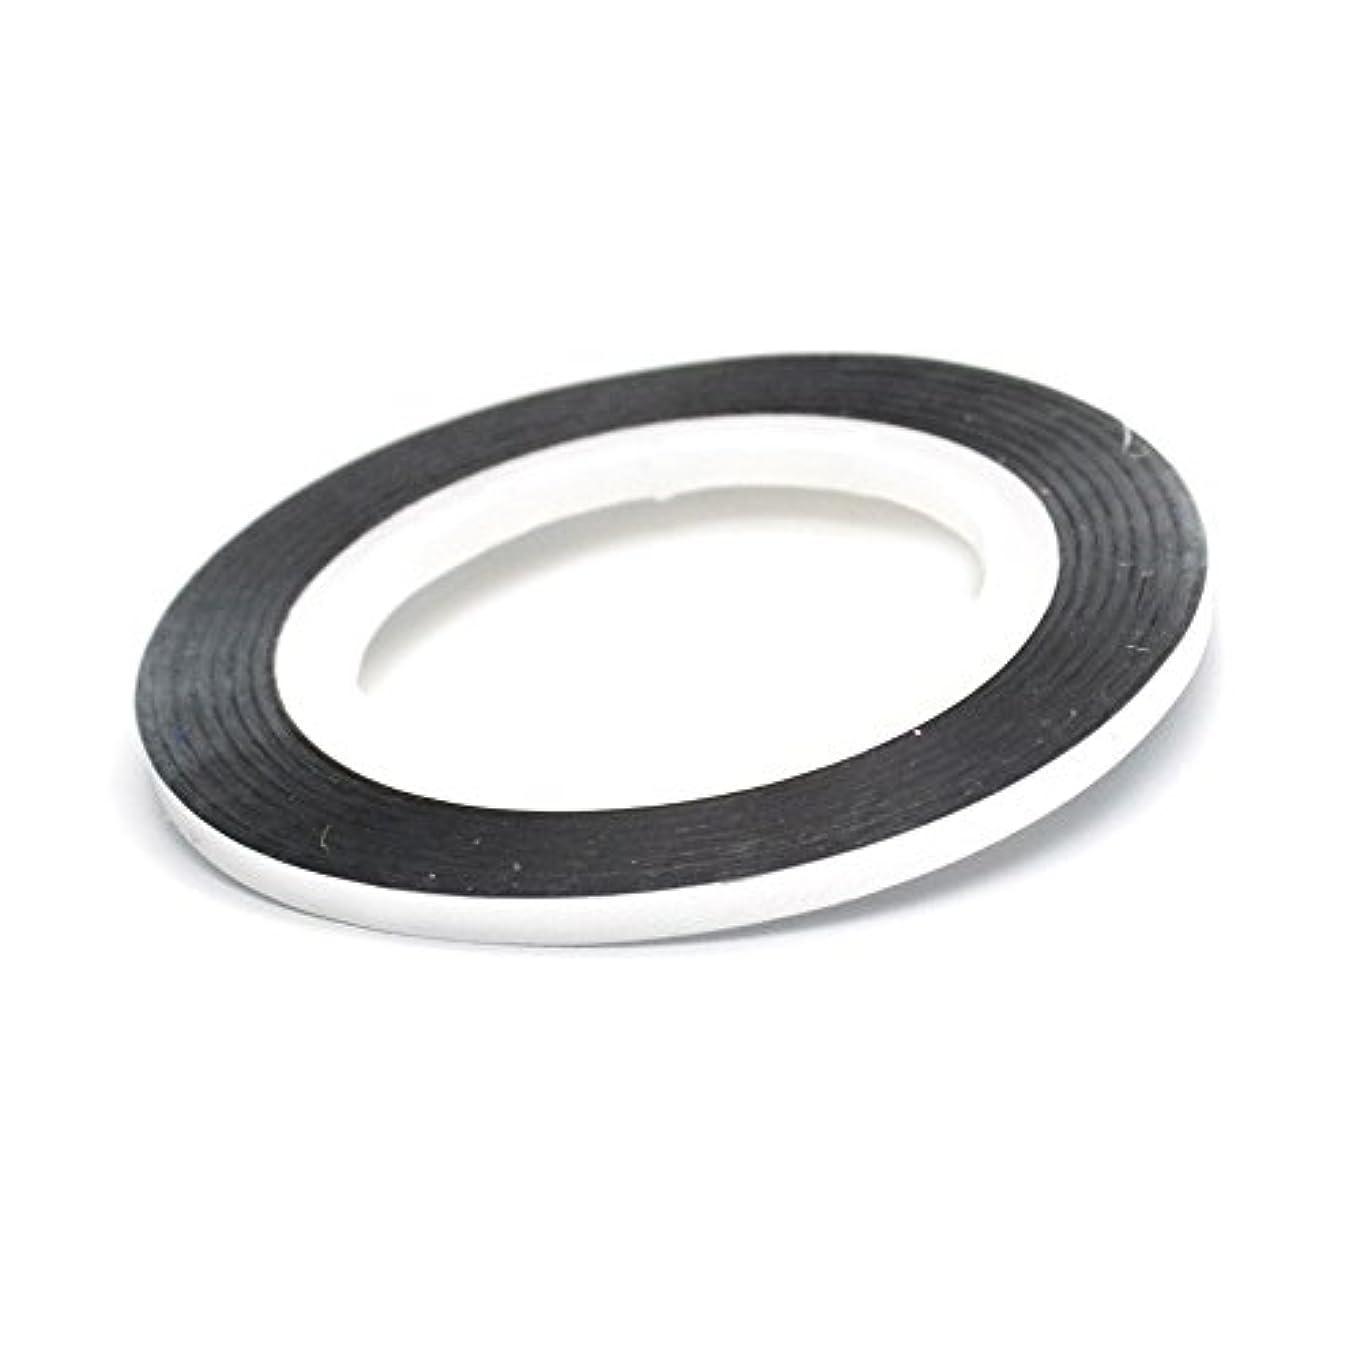 ふりをする切断するシャークネイル ラインテープ【シルバー】0.8mm ストライピングテープ